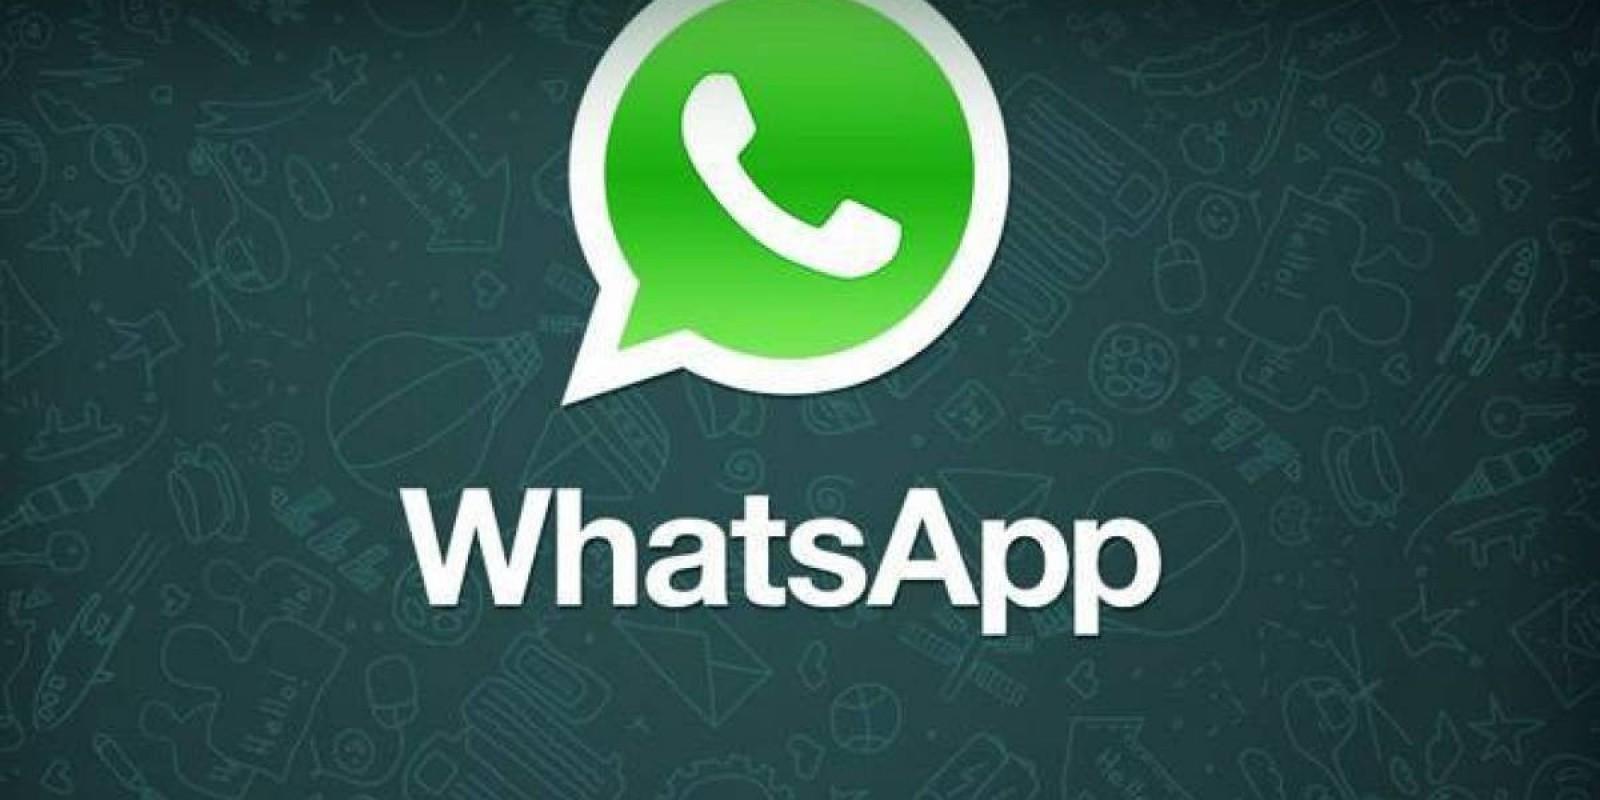 Dupla, acusada de golpe pelo WhatsApp, é presa por extorsão